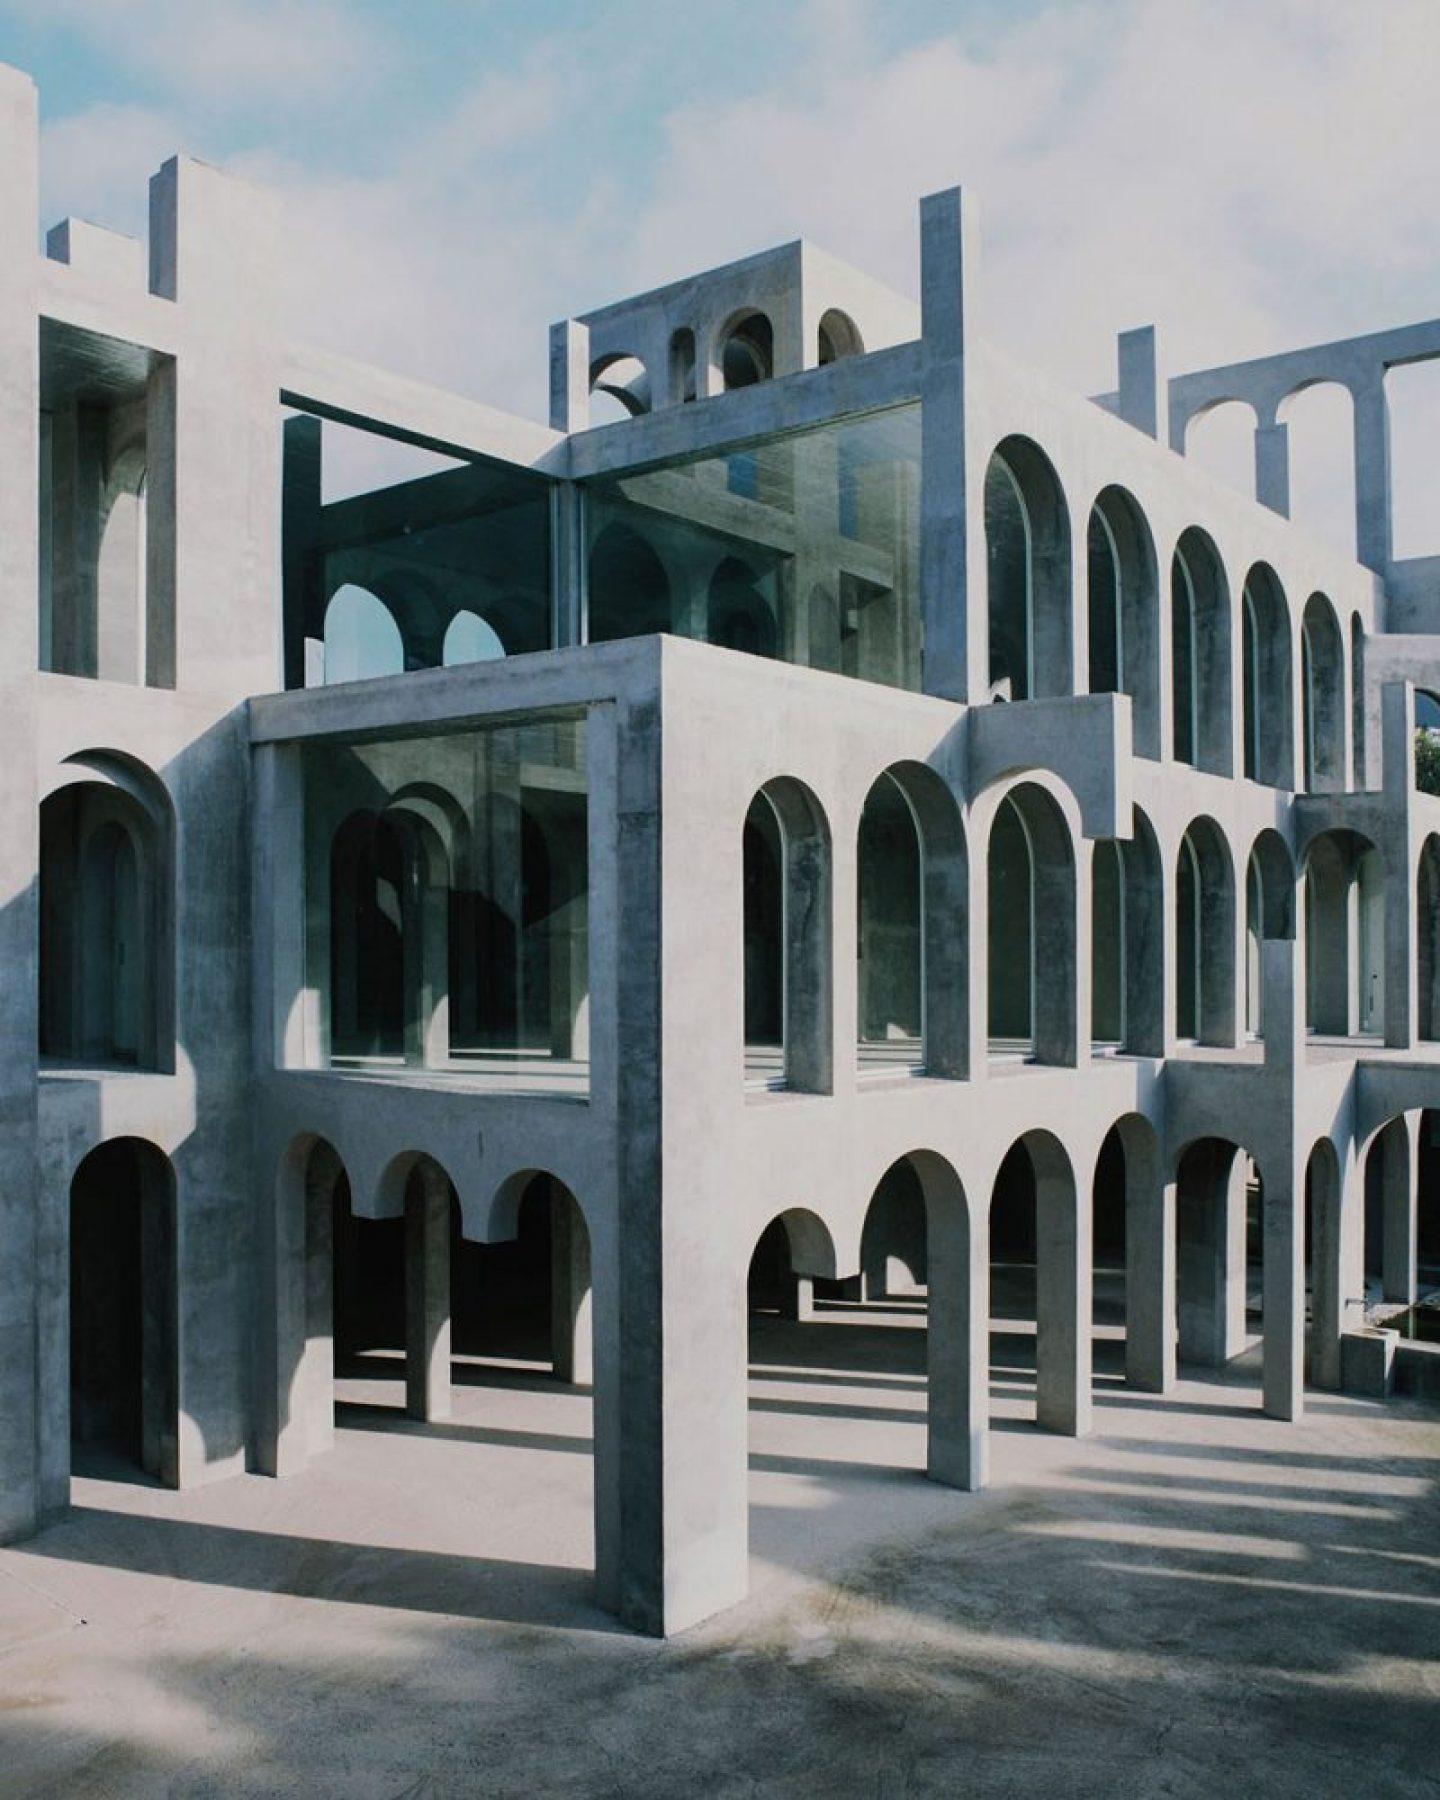 iGNANT_Architecture_Salva_Lopez_Xavier_Cobero_1